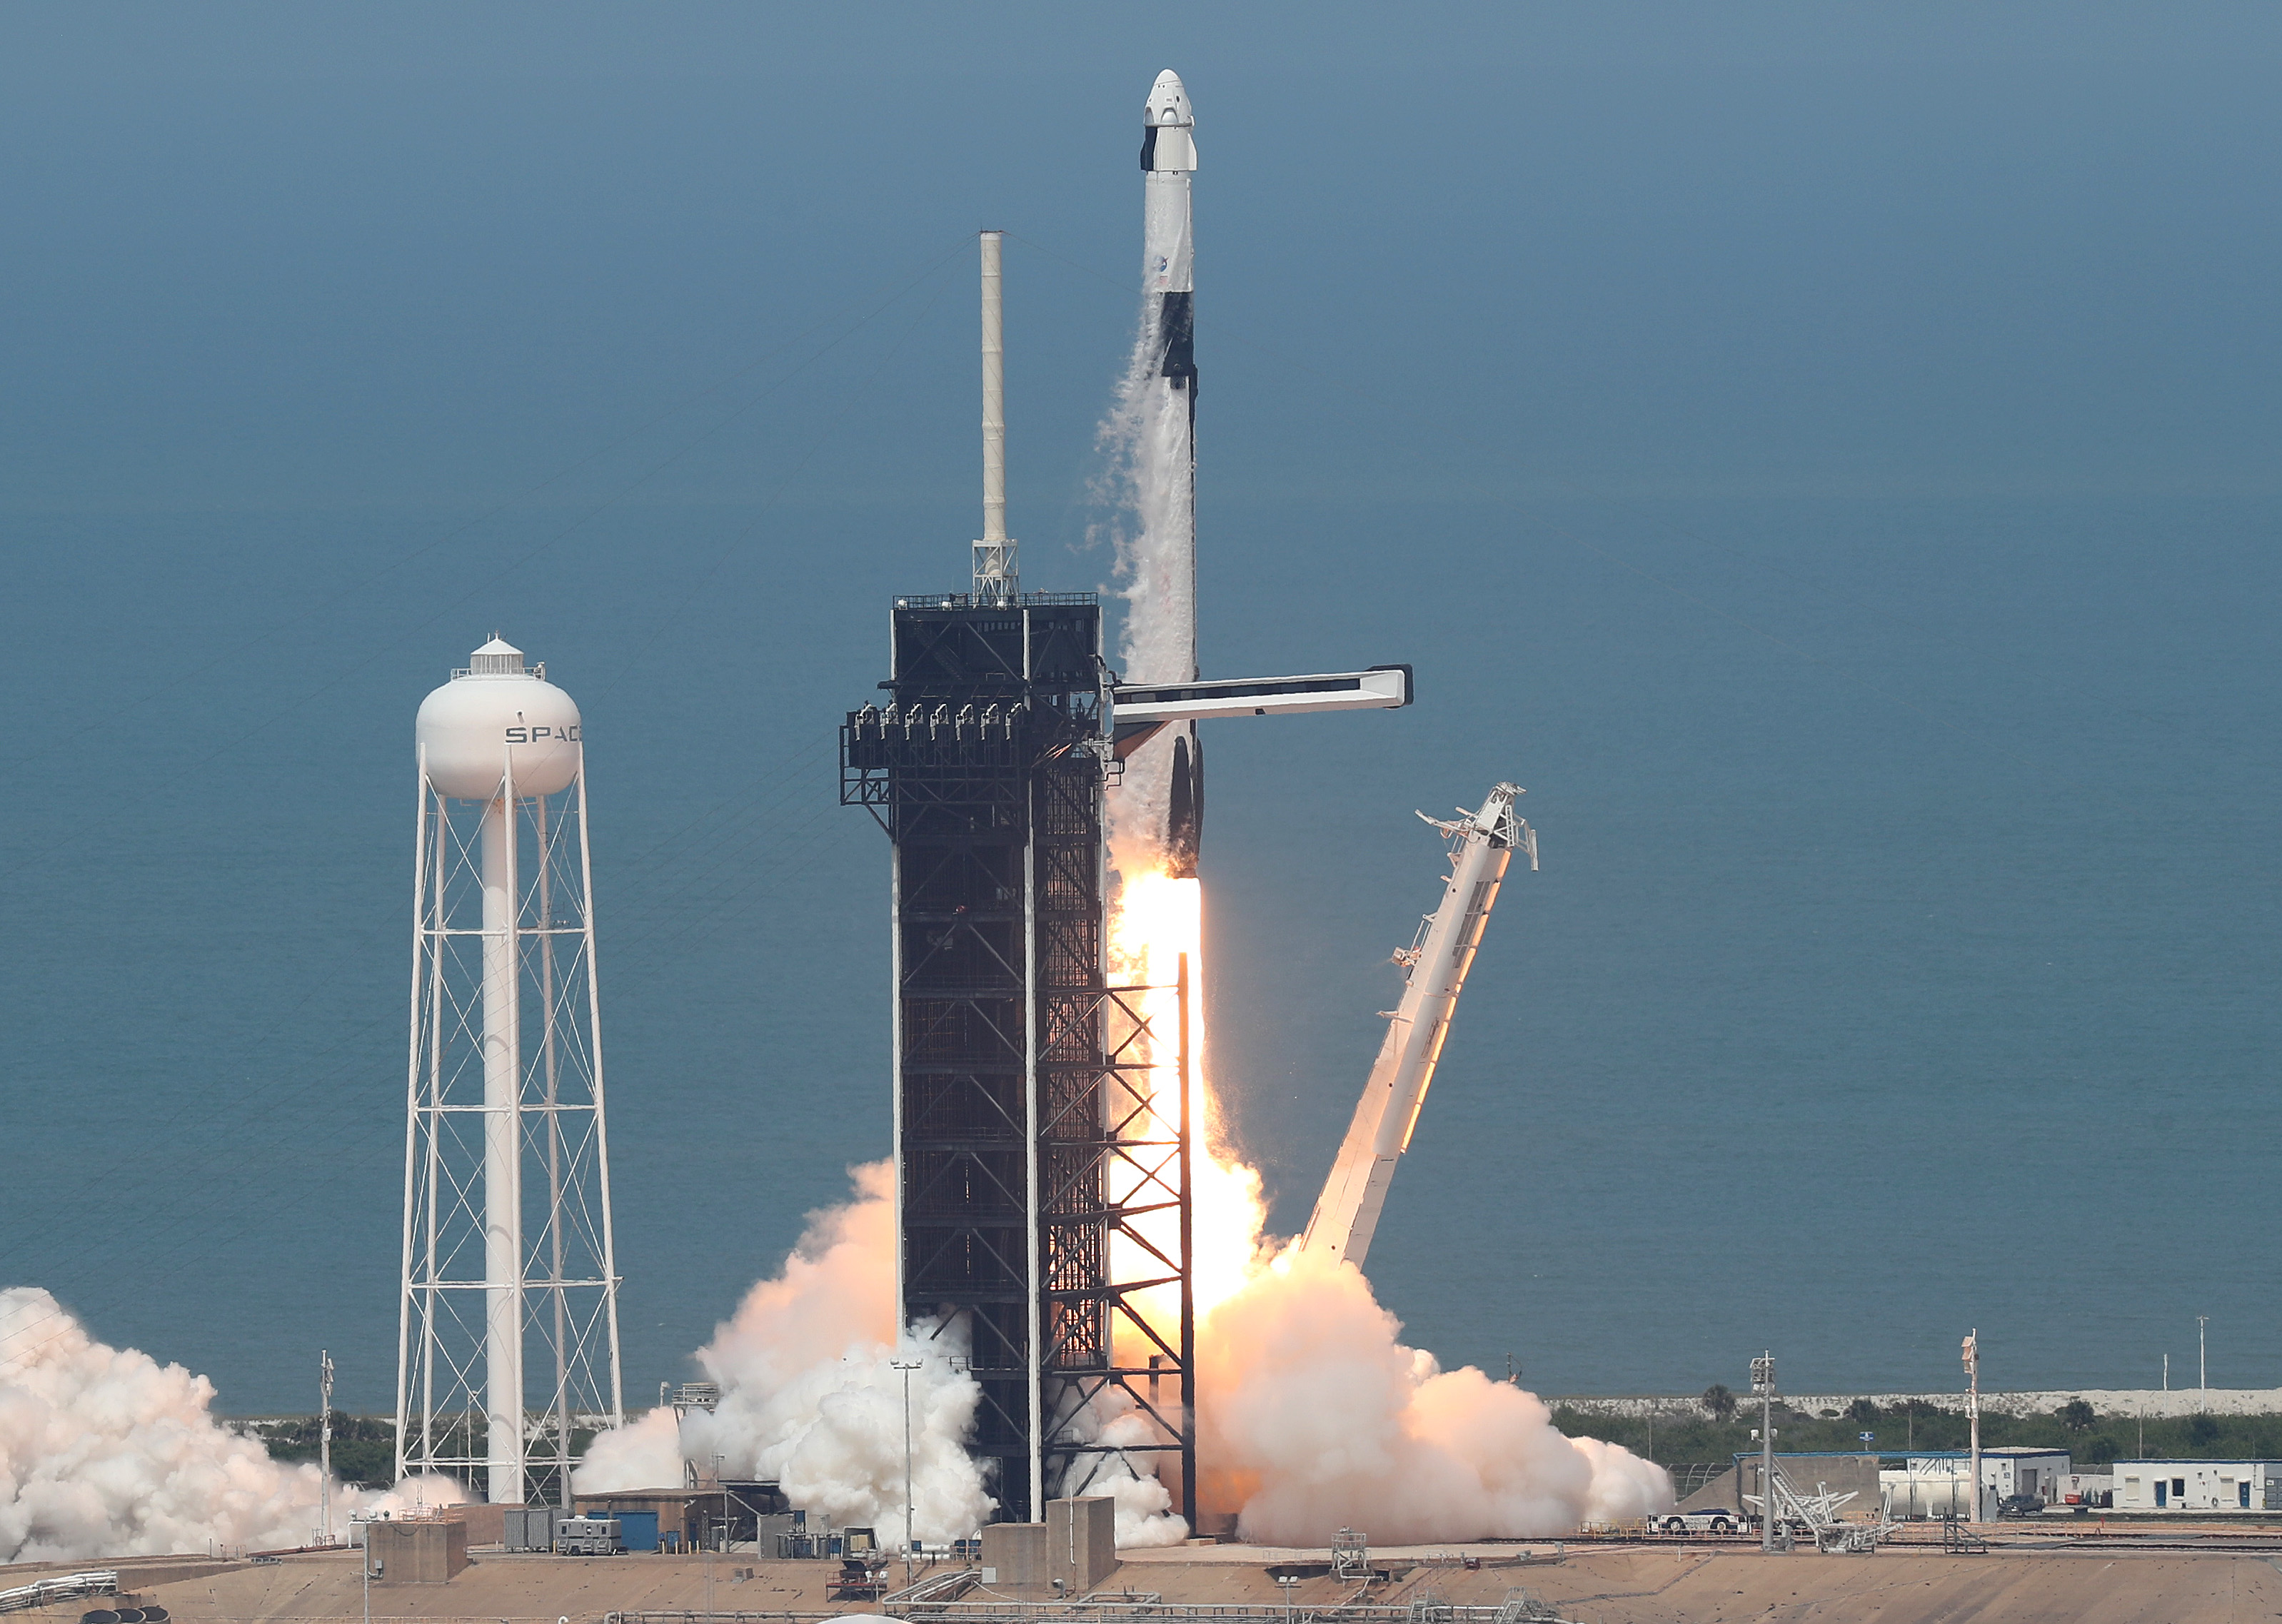 Los astronautas de la NASA Bob Behnken y Doug Hurley despegaron hoy en un vuelo inaugural y son los primeros desde el final del programa del transbordador espacial en 2011 en ser lanzados al espacio desde los EEUU